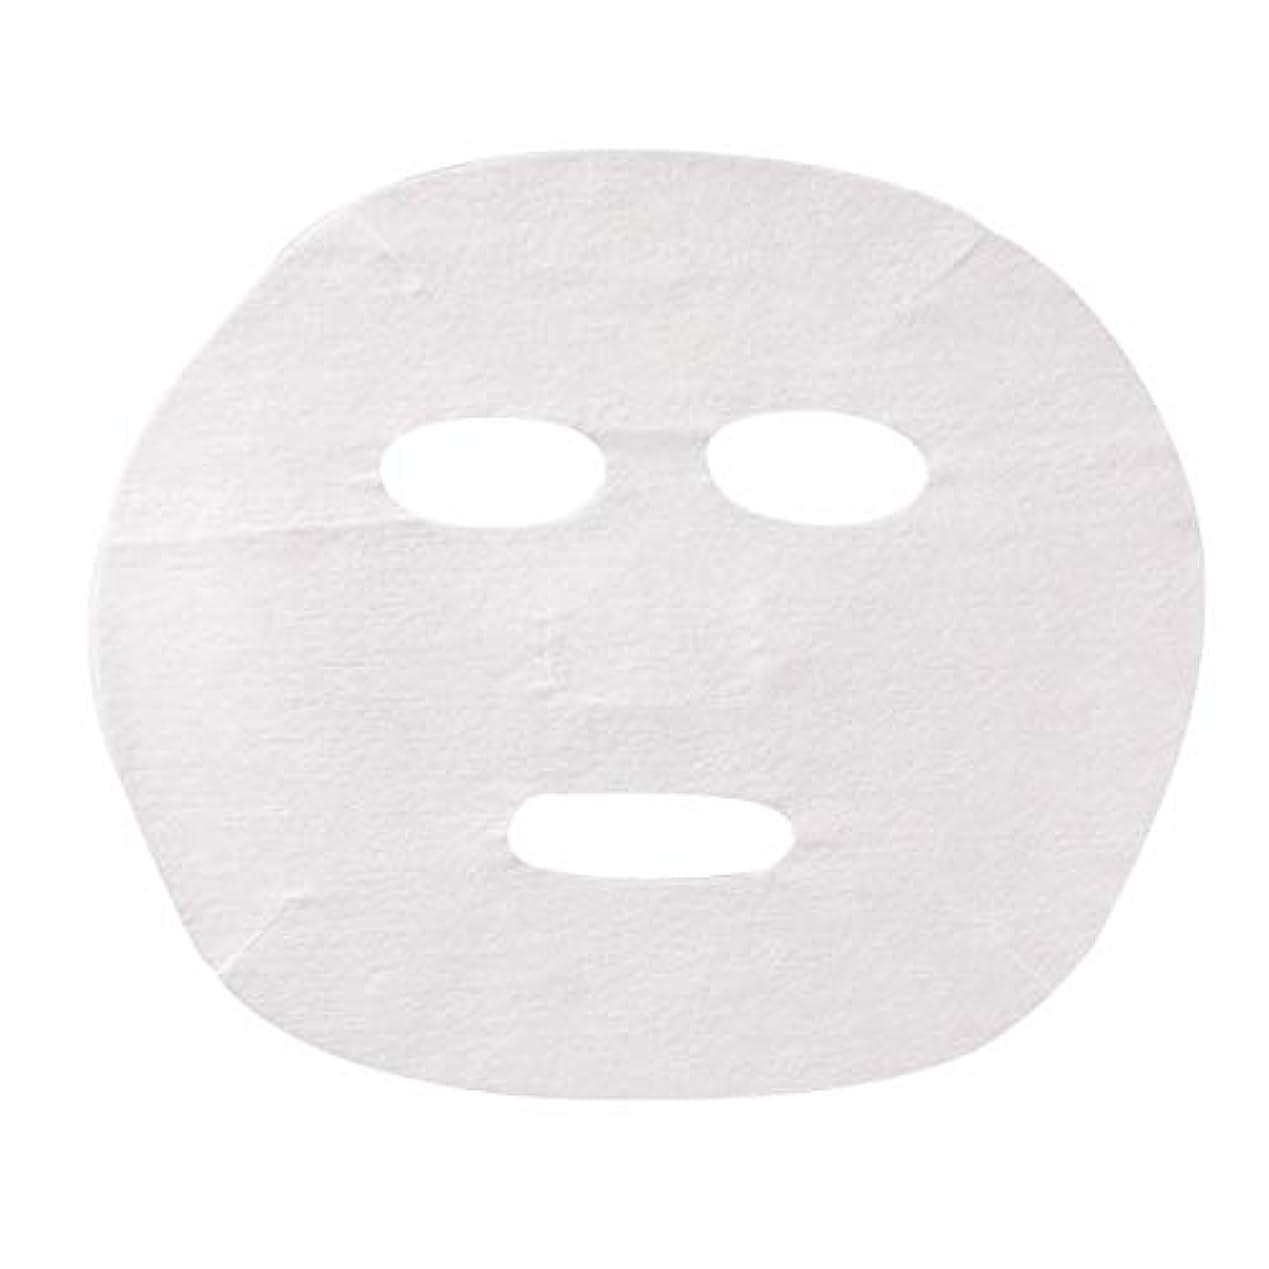 座標手順第五フェイシャルシート (薄手タイプ) 70枚入 22.5×18.5cm [ フェイスマスク フェイスシート フェイスパック フェイシャルマスク フェイシャルパック ローションマスク ローションパック フェイス パック マスク ]